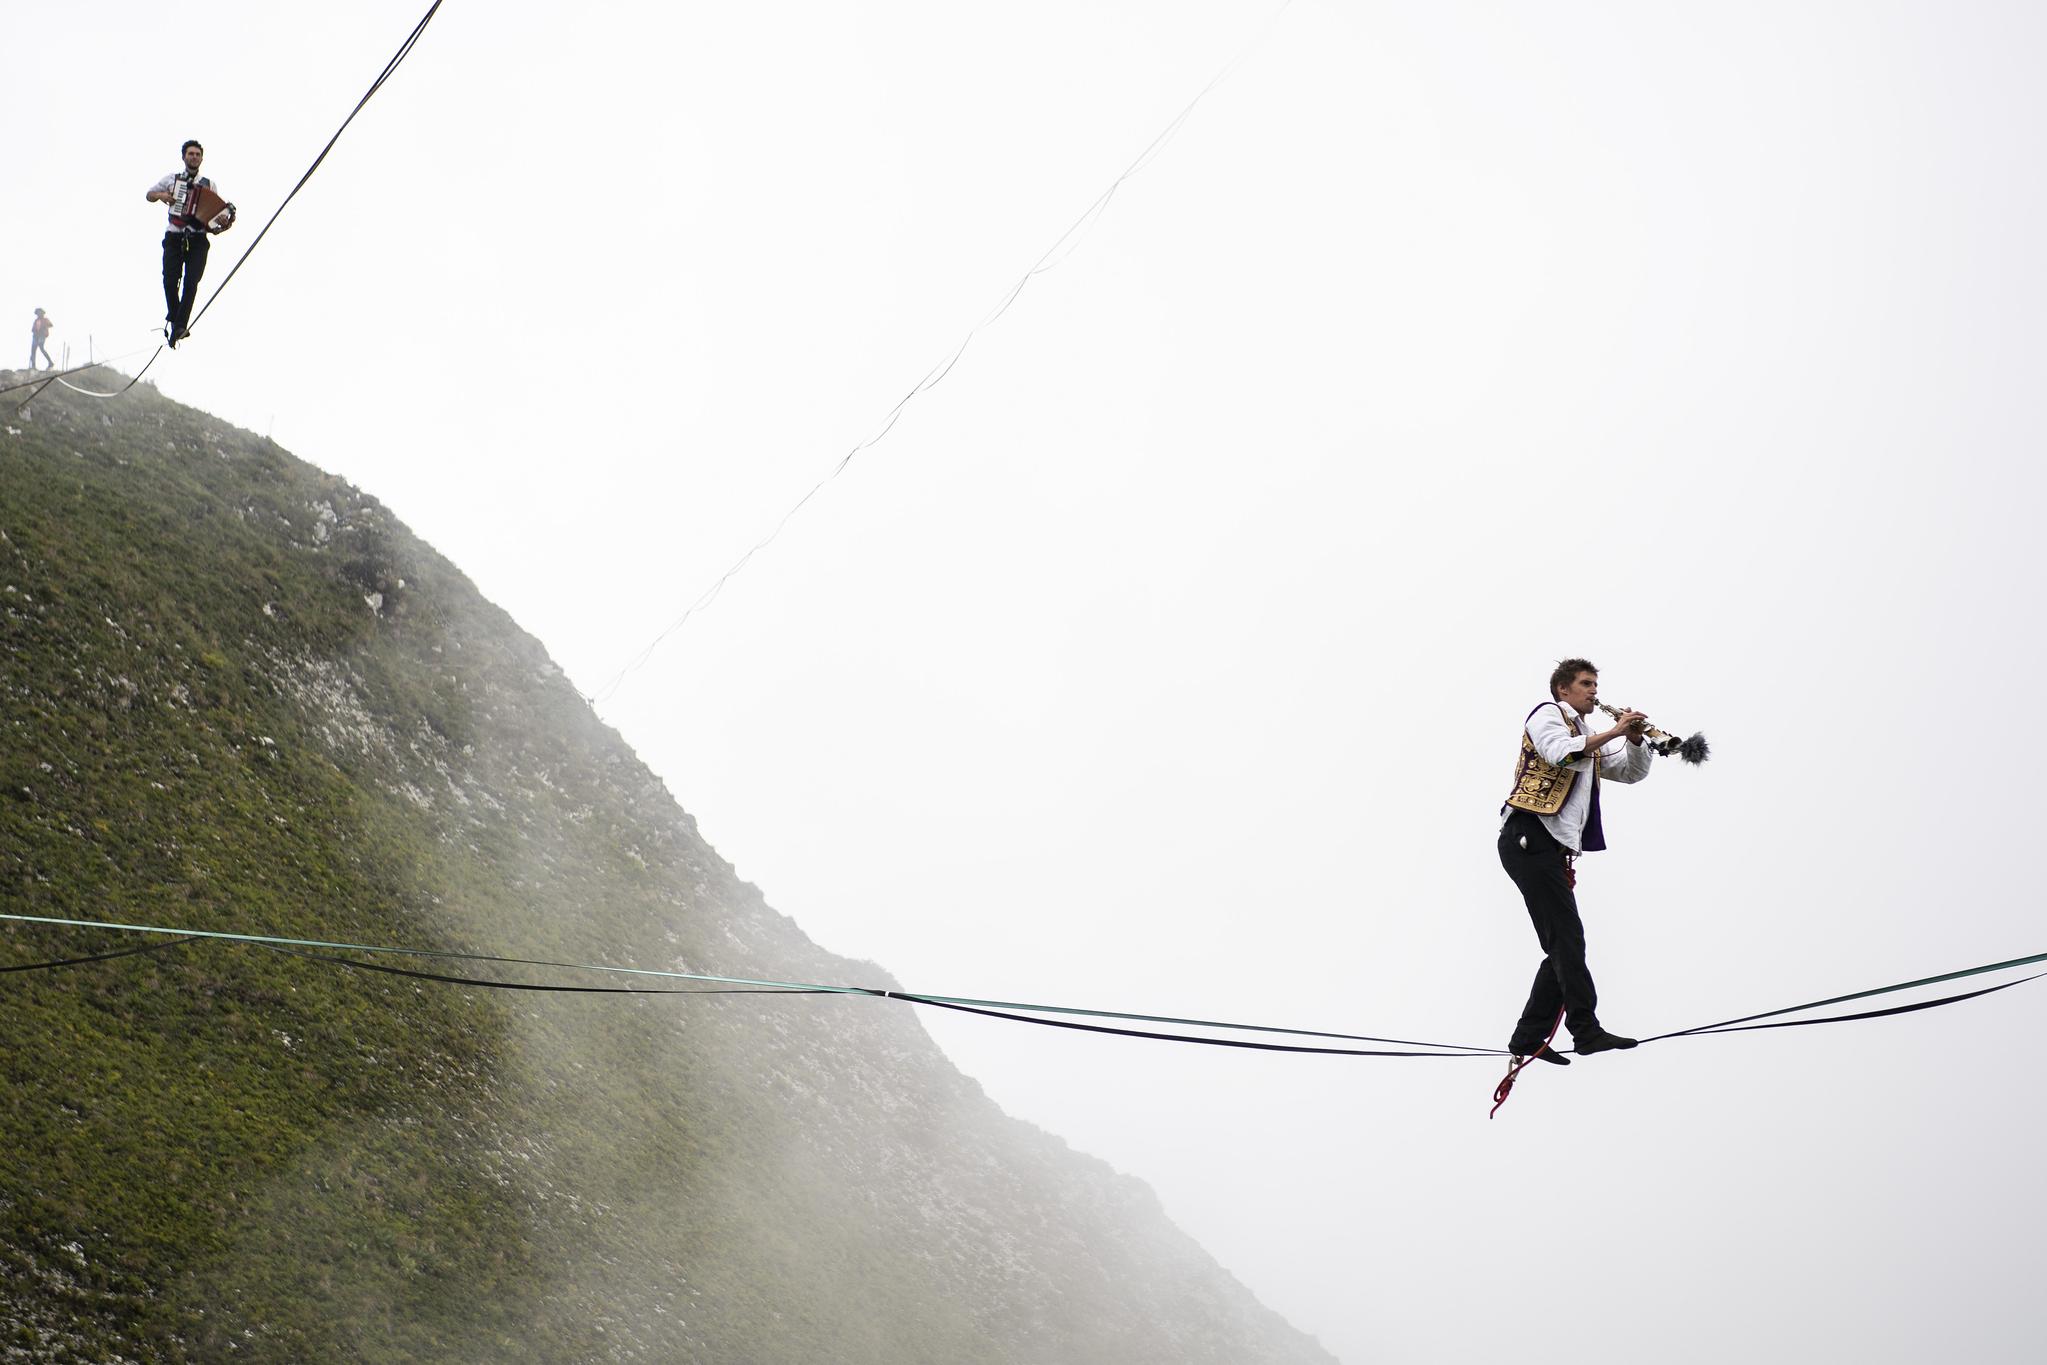 한 참가자가 7일(현지시간) 스위스 그뤼에르 인근 해발 2000m 상공의 알프스 산맥 봉우리에 연결된 외줄을 타고 건너며 트럼펫을 연주하고 있다. [AP=연합뉴스]